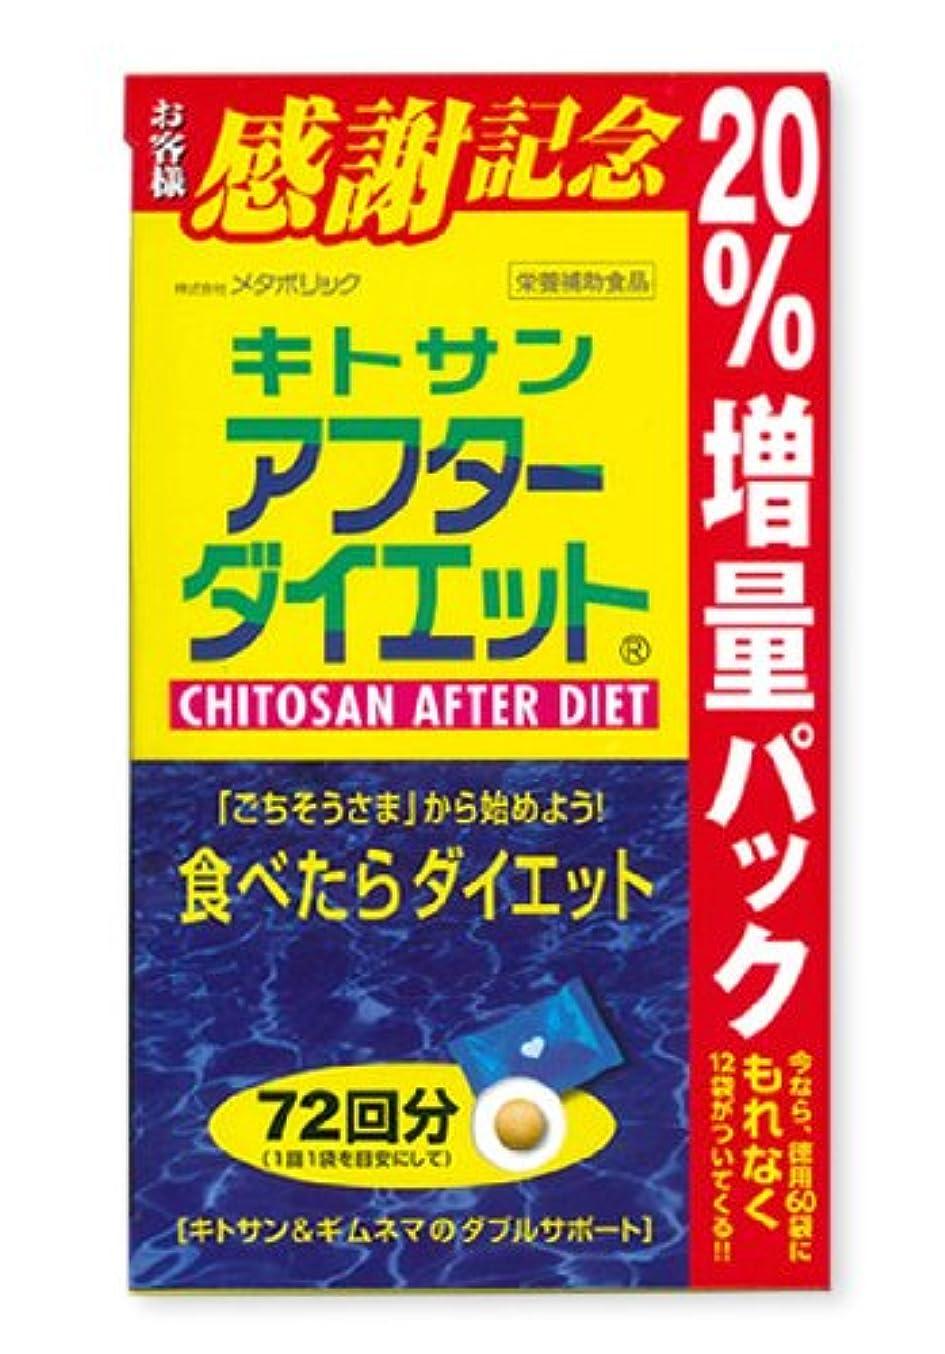 汚染された剪断イチゴお徳用 72袋入り キトサン アフターダイエット ( お徳用 72袋入り)×5個セット 20%増量版